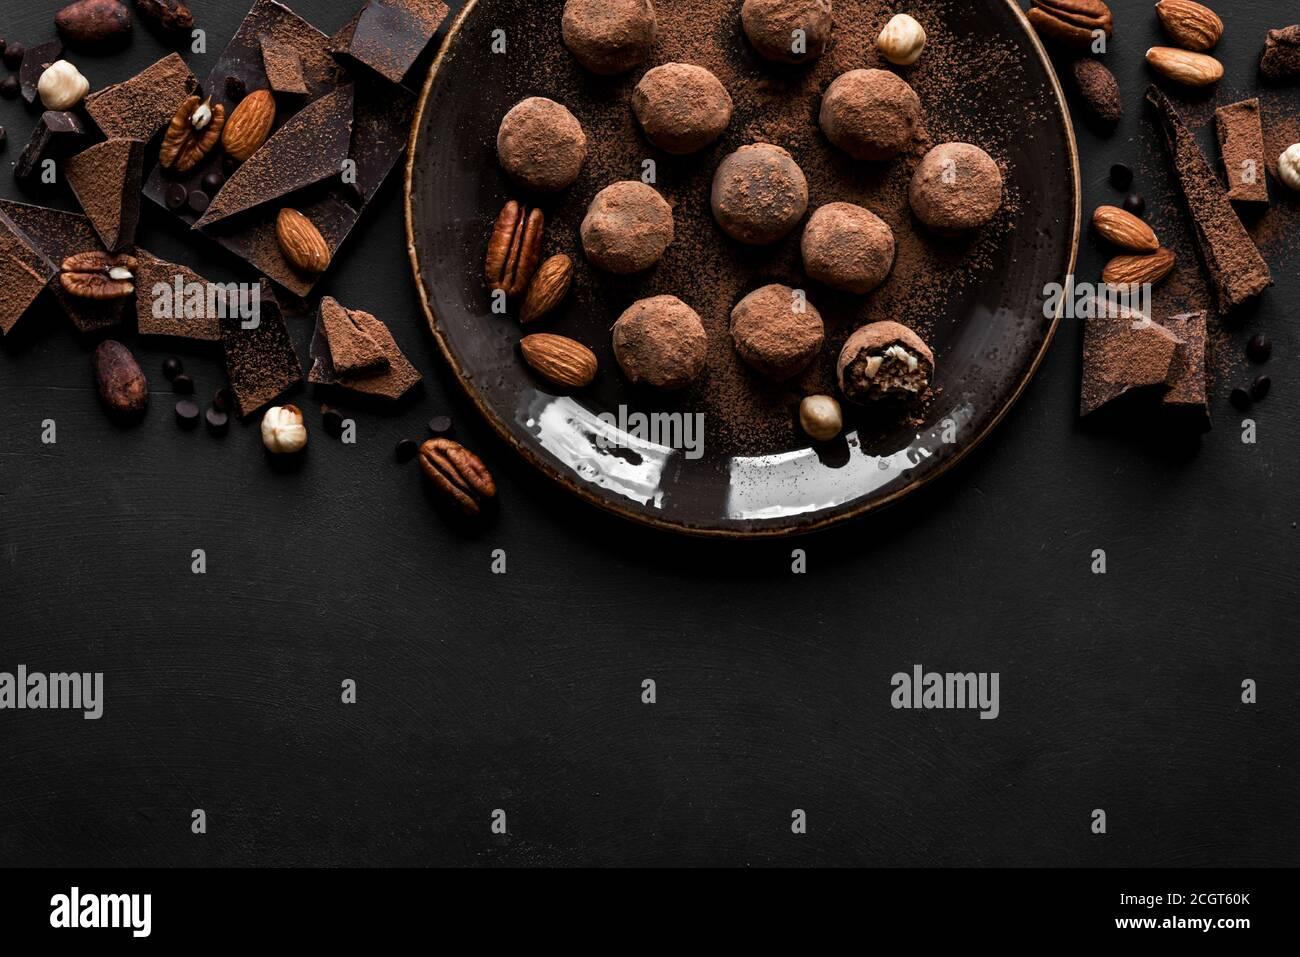 Truffes au chocolat avec chocolat noir et noix sur fond noir, vue de dessus, espace de copie. Boulettes d'énergie au chocolat maison vegan ou truffes pour le desse Banque D'Images